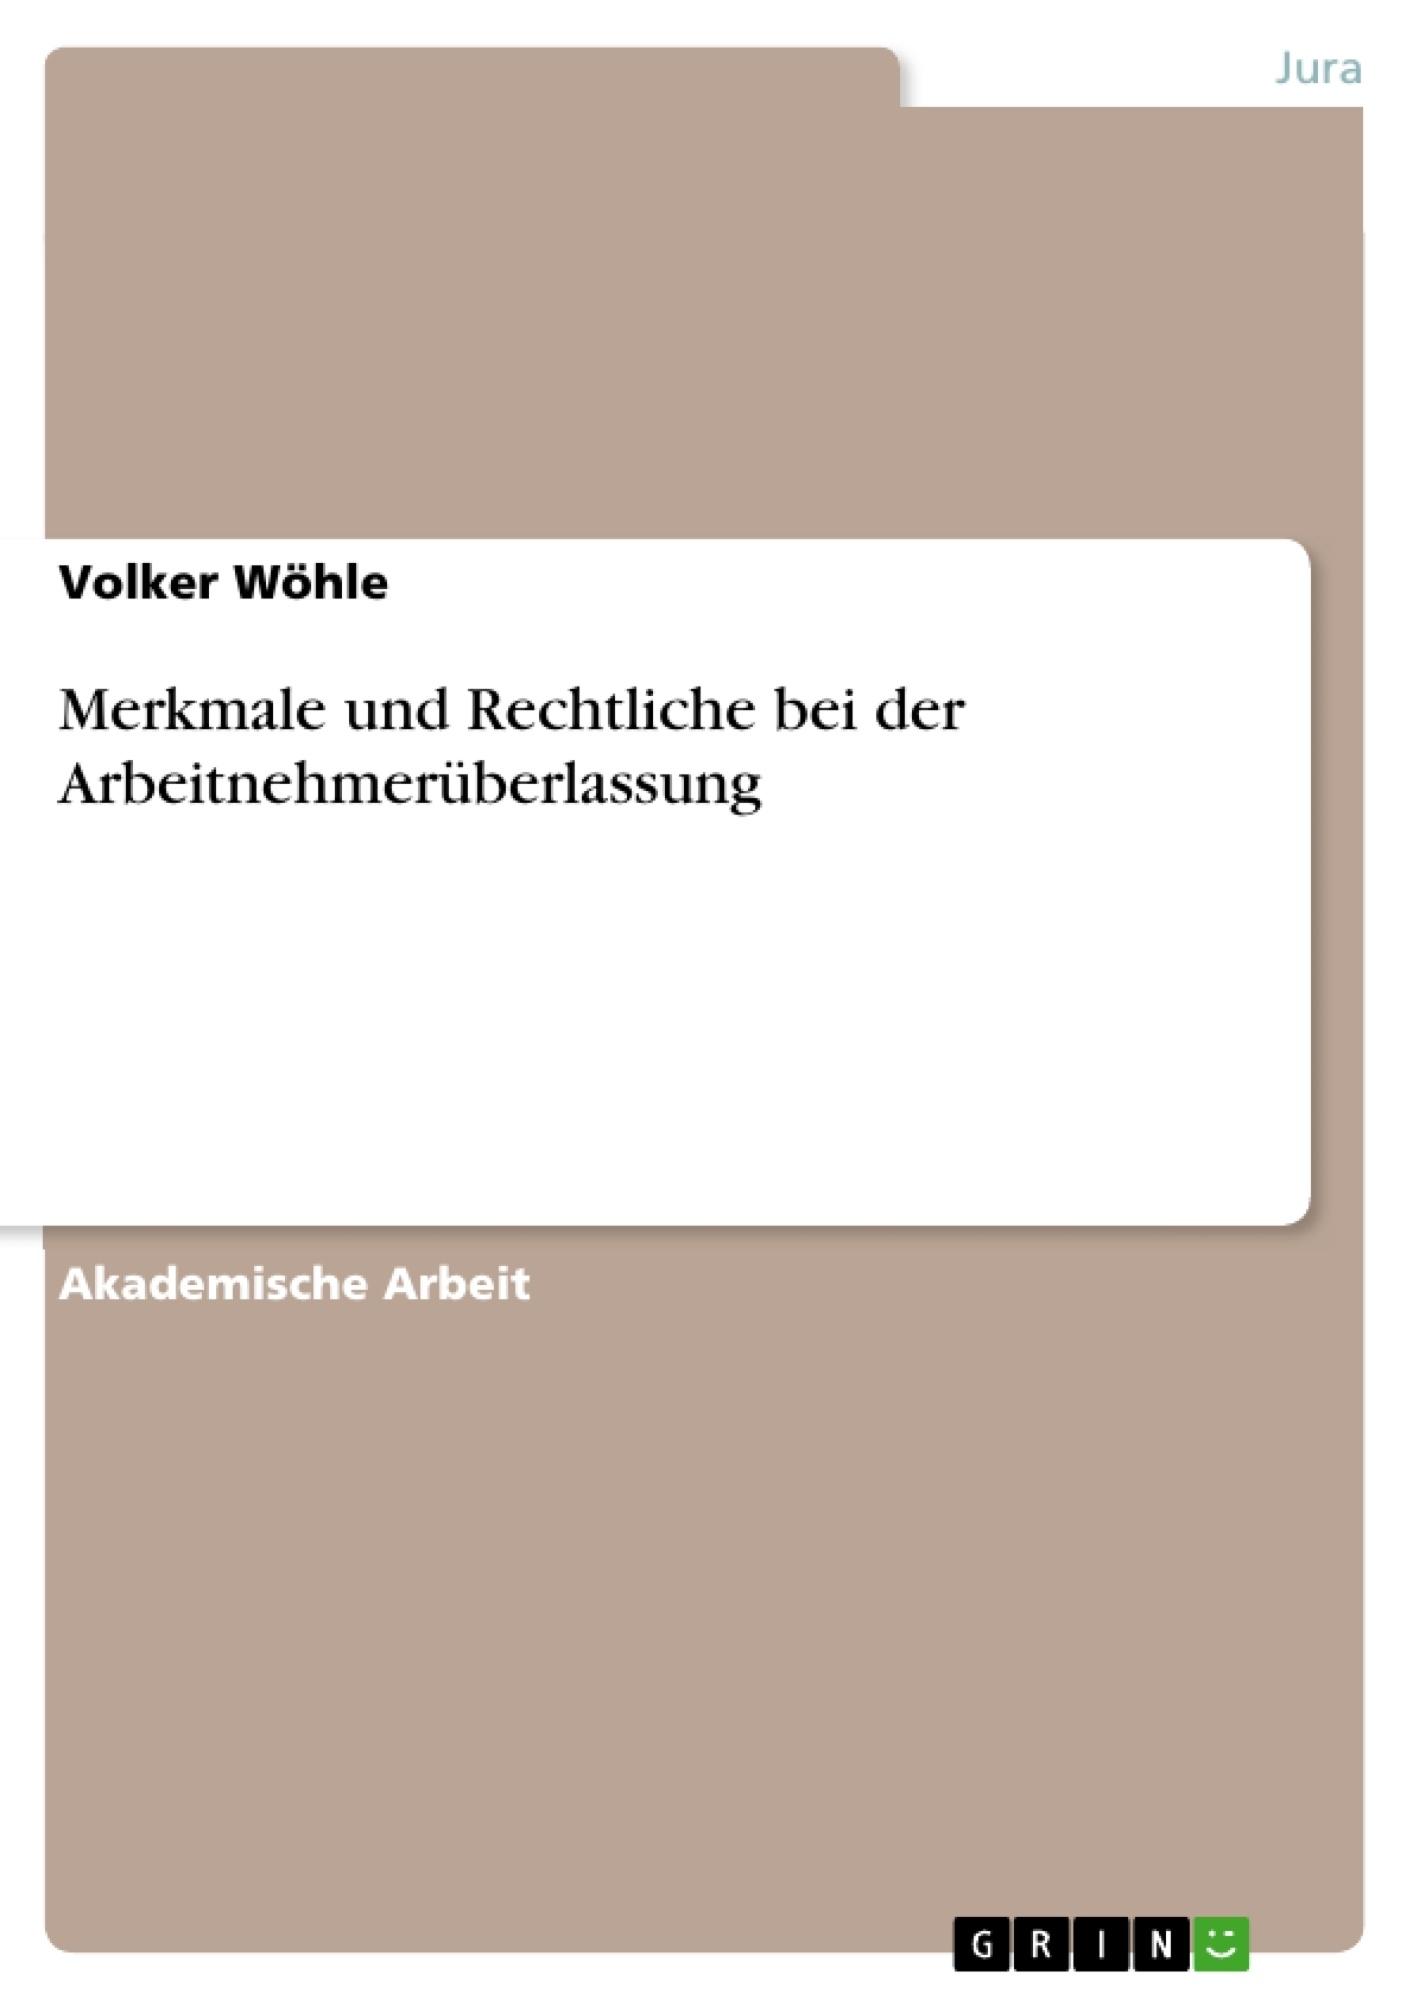 Titel: Merkmale und Rechtliche bei der Arbeitnehmerüberlassung